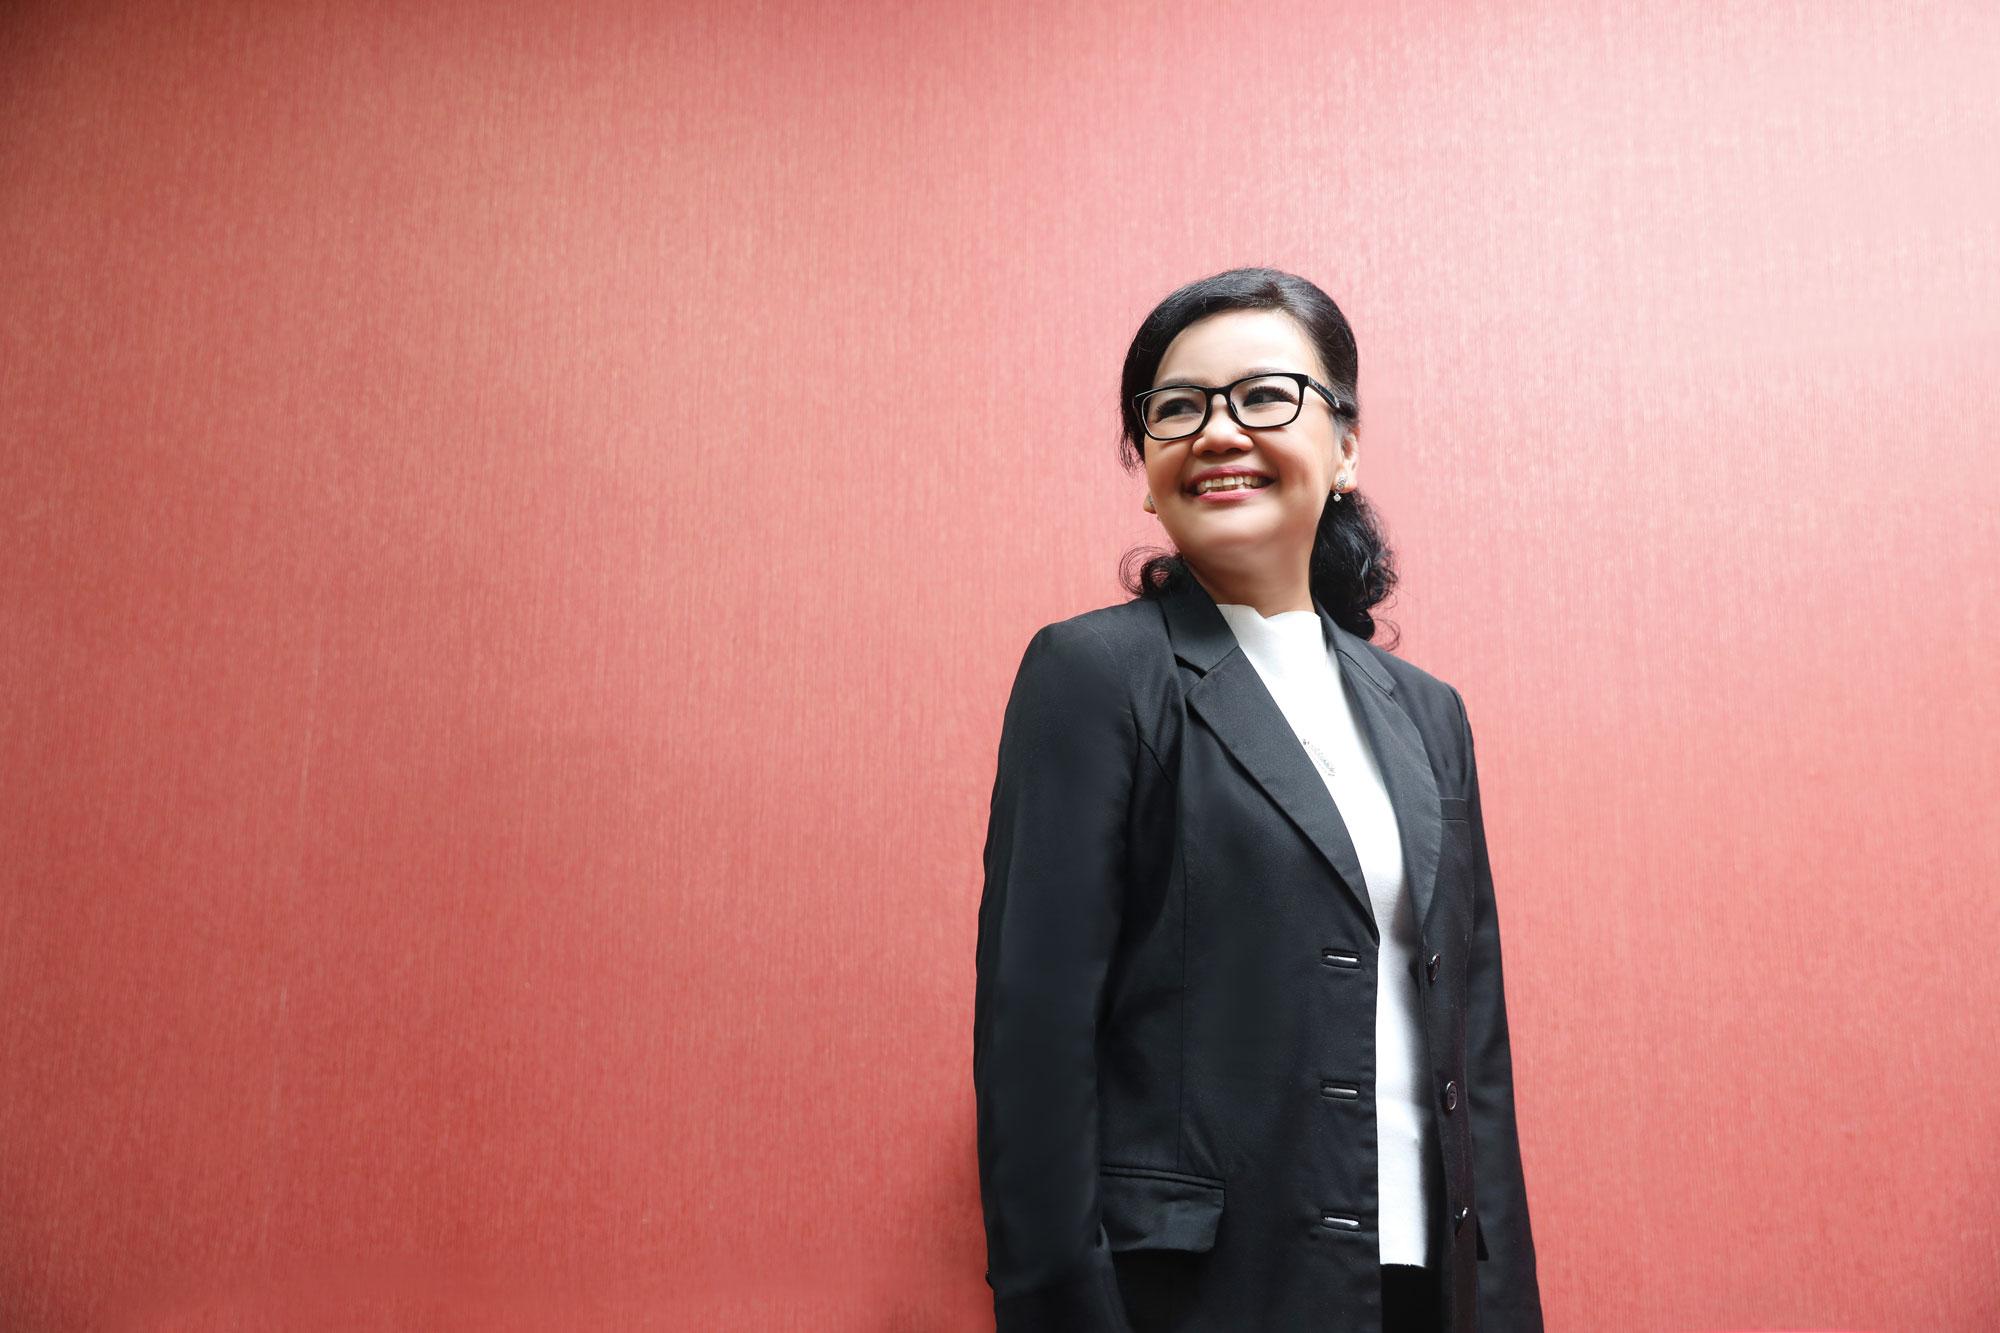 Agustina Jadi Ketua DPP Ikatan Alumni FIB Undip